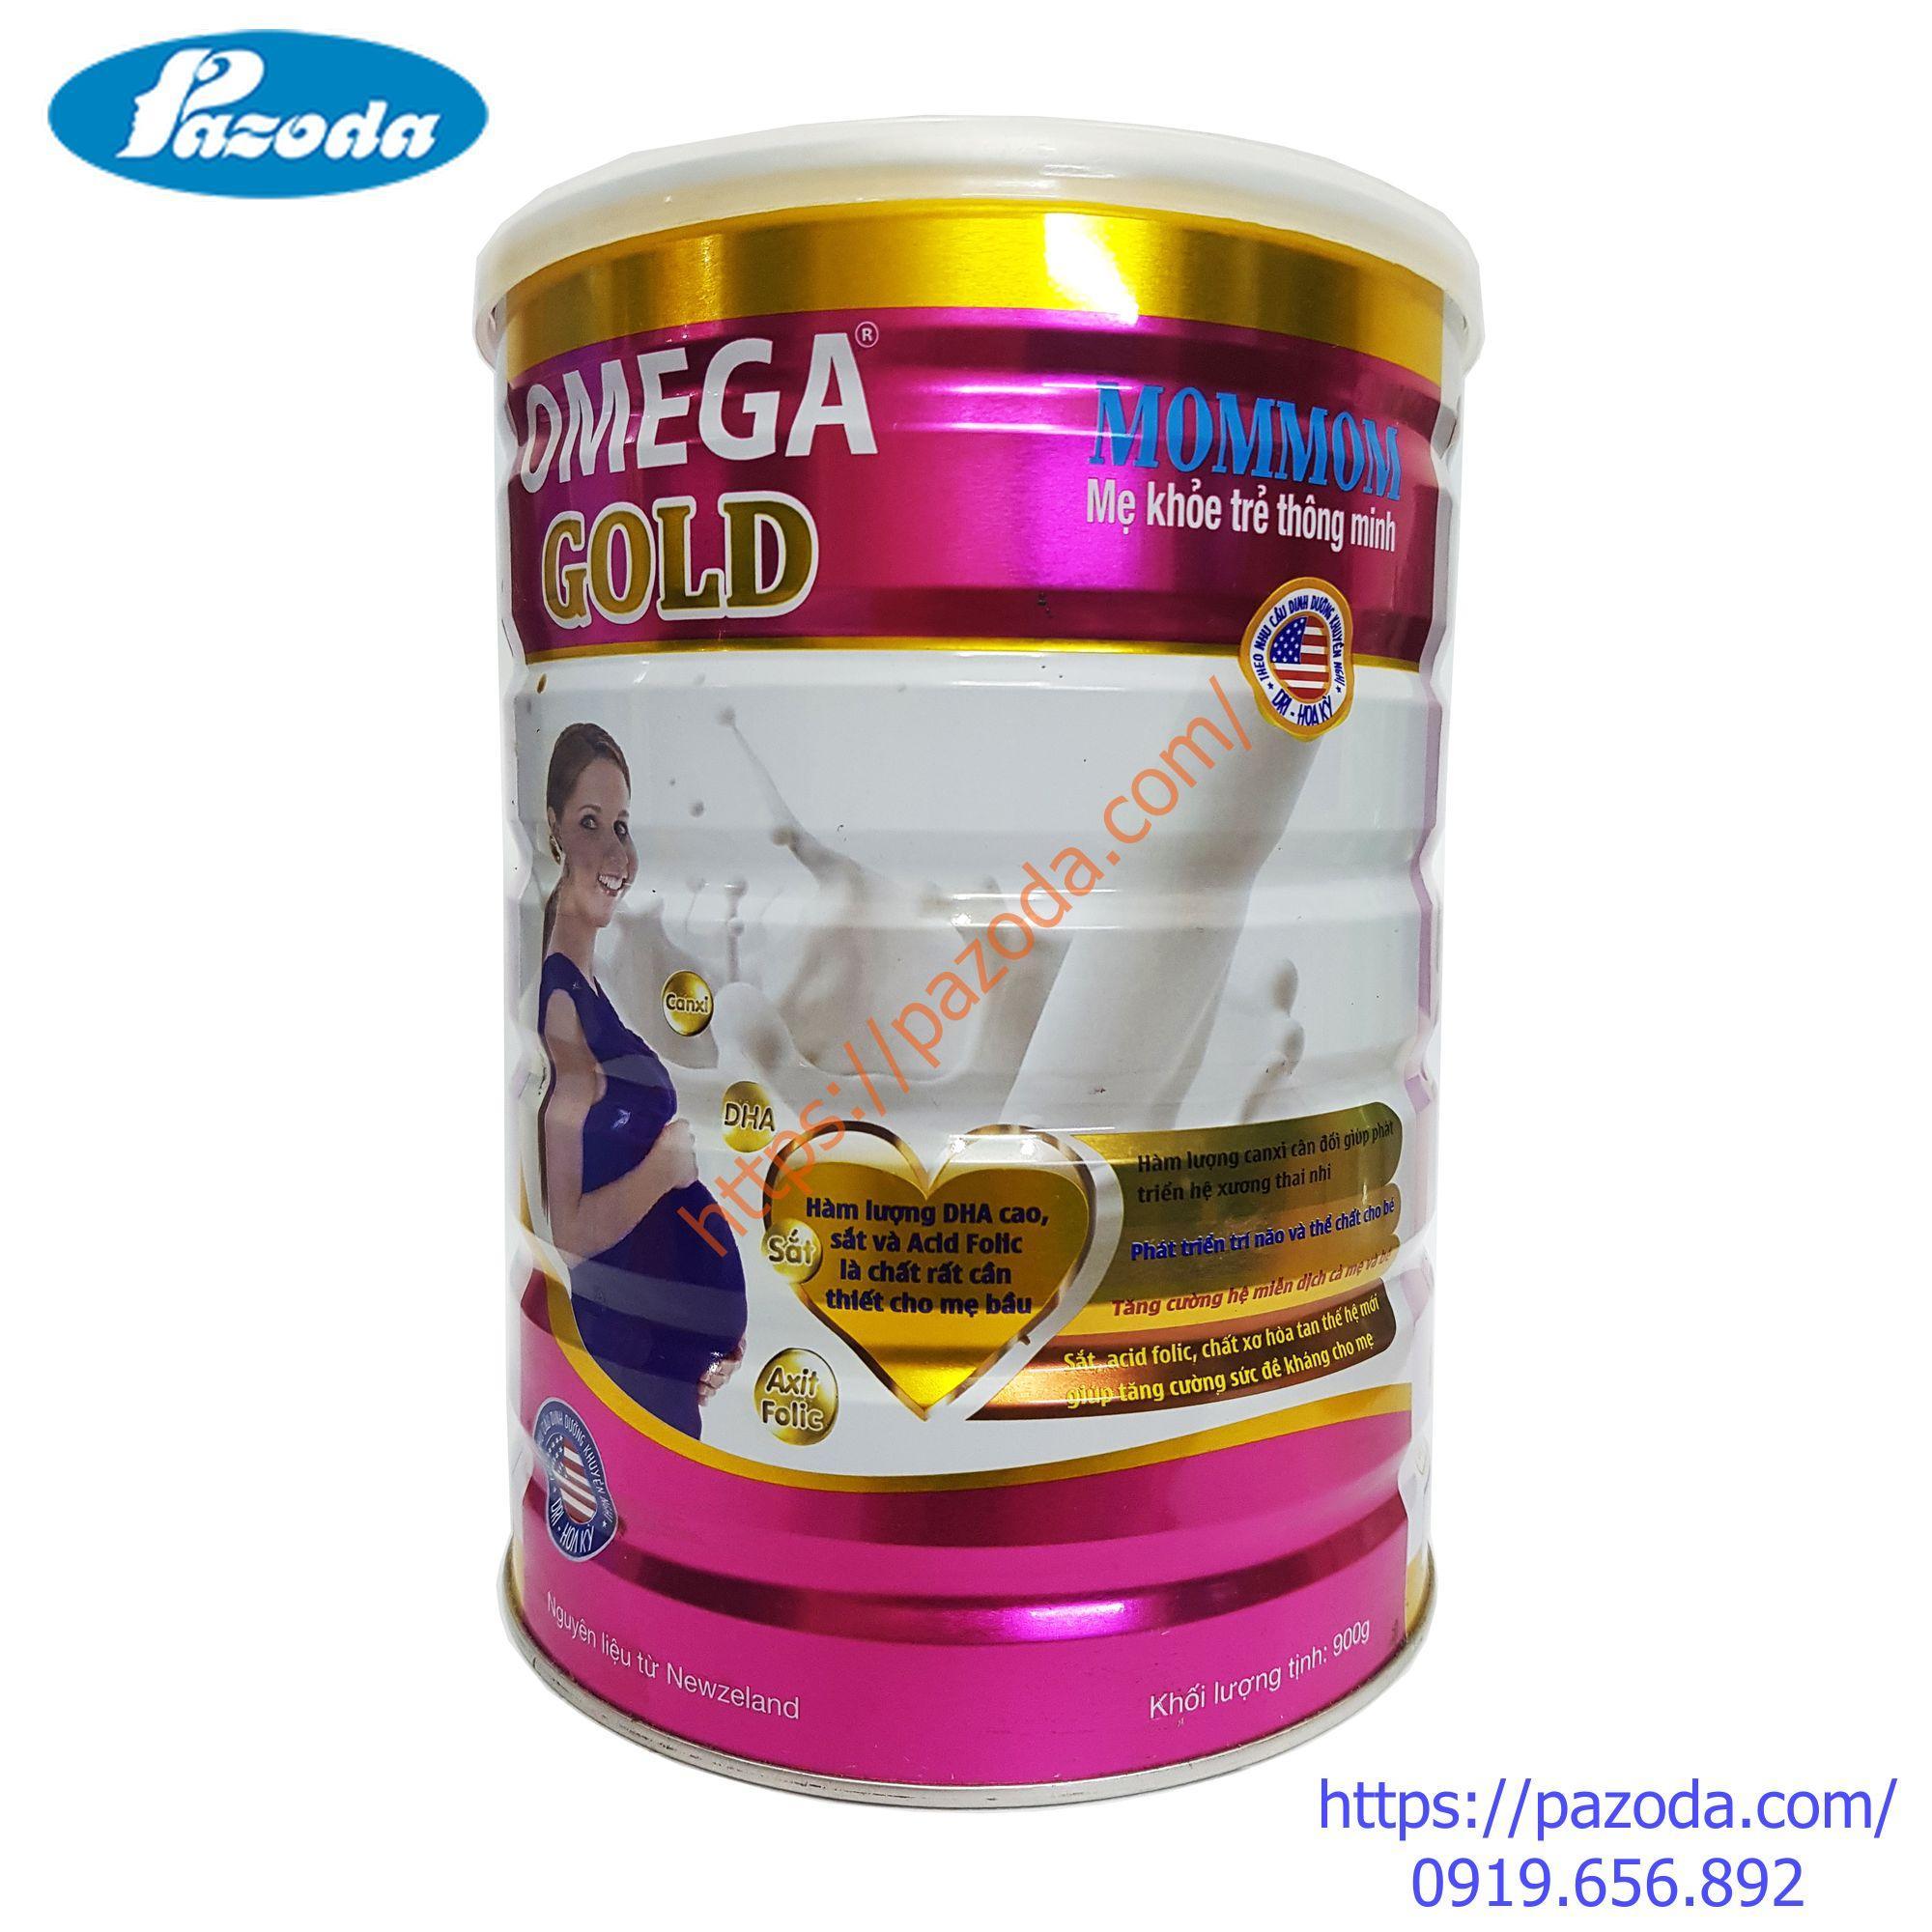 Sữa bột cho bà bầu OMEGA GOLD Mommom 900g chính hãng